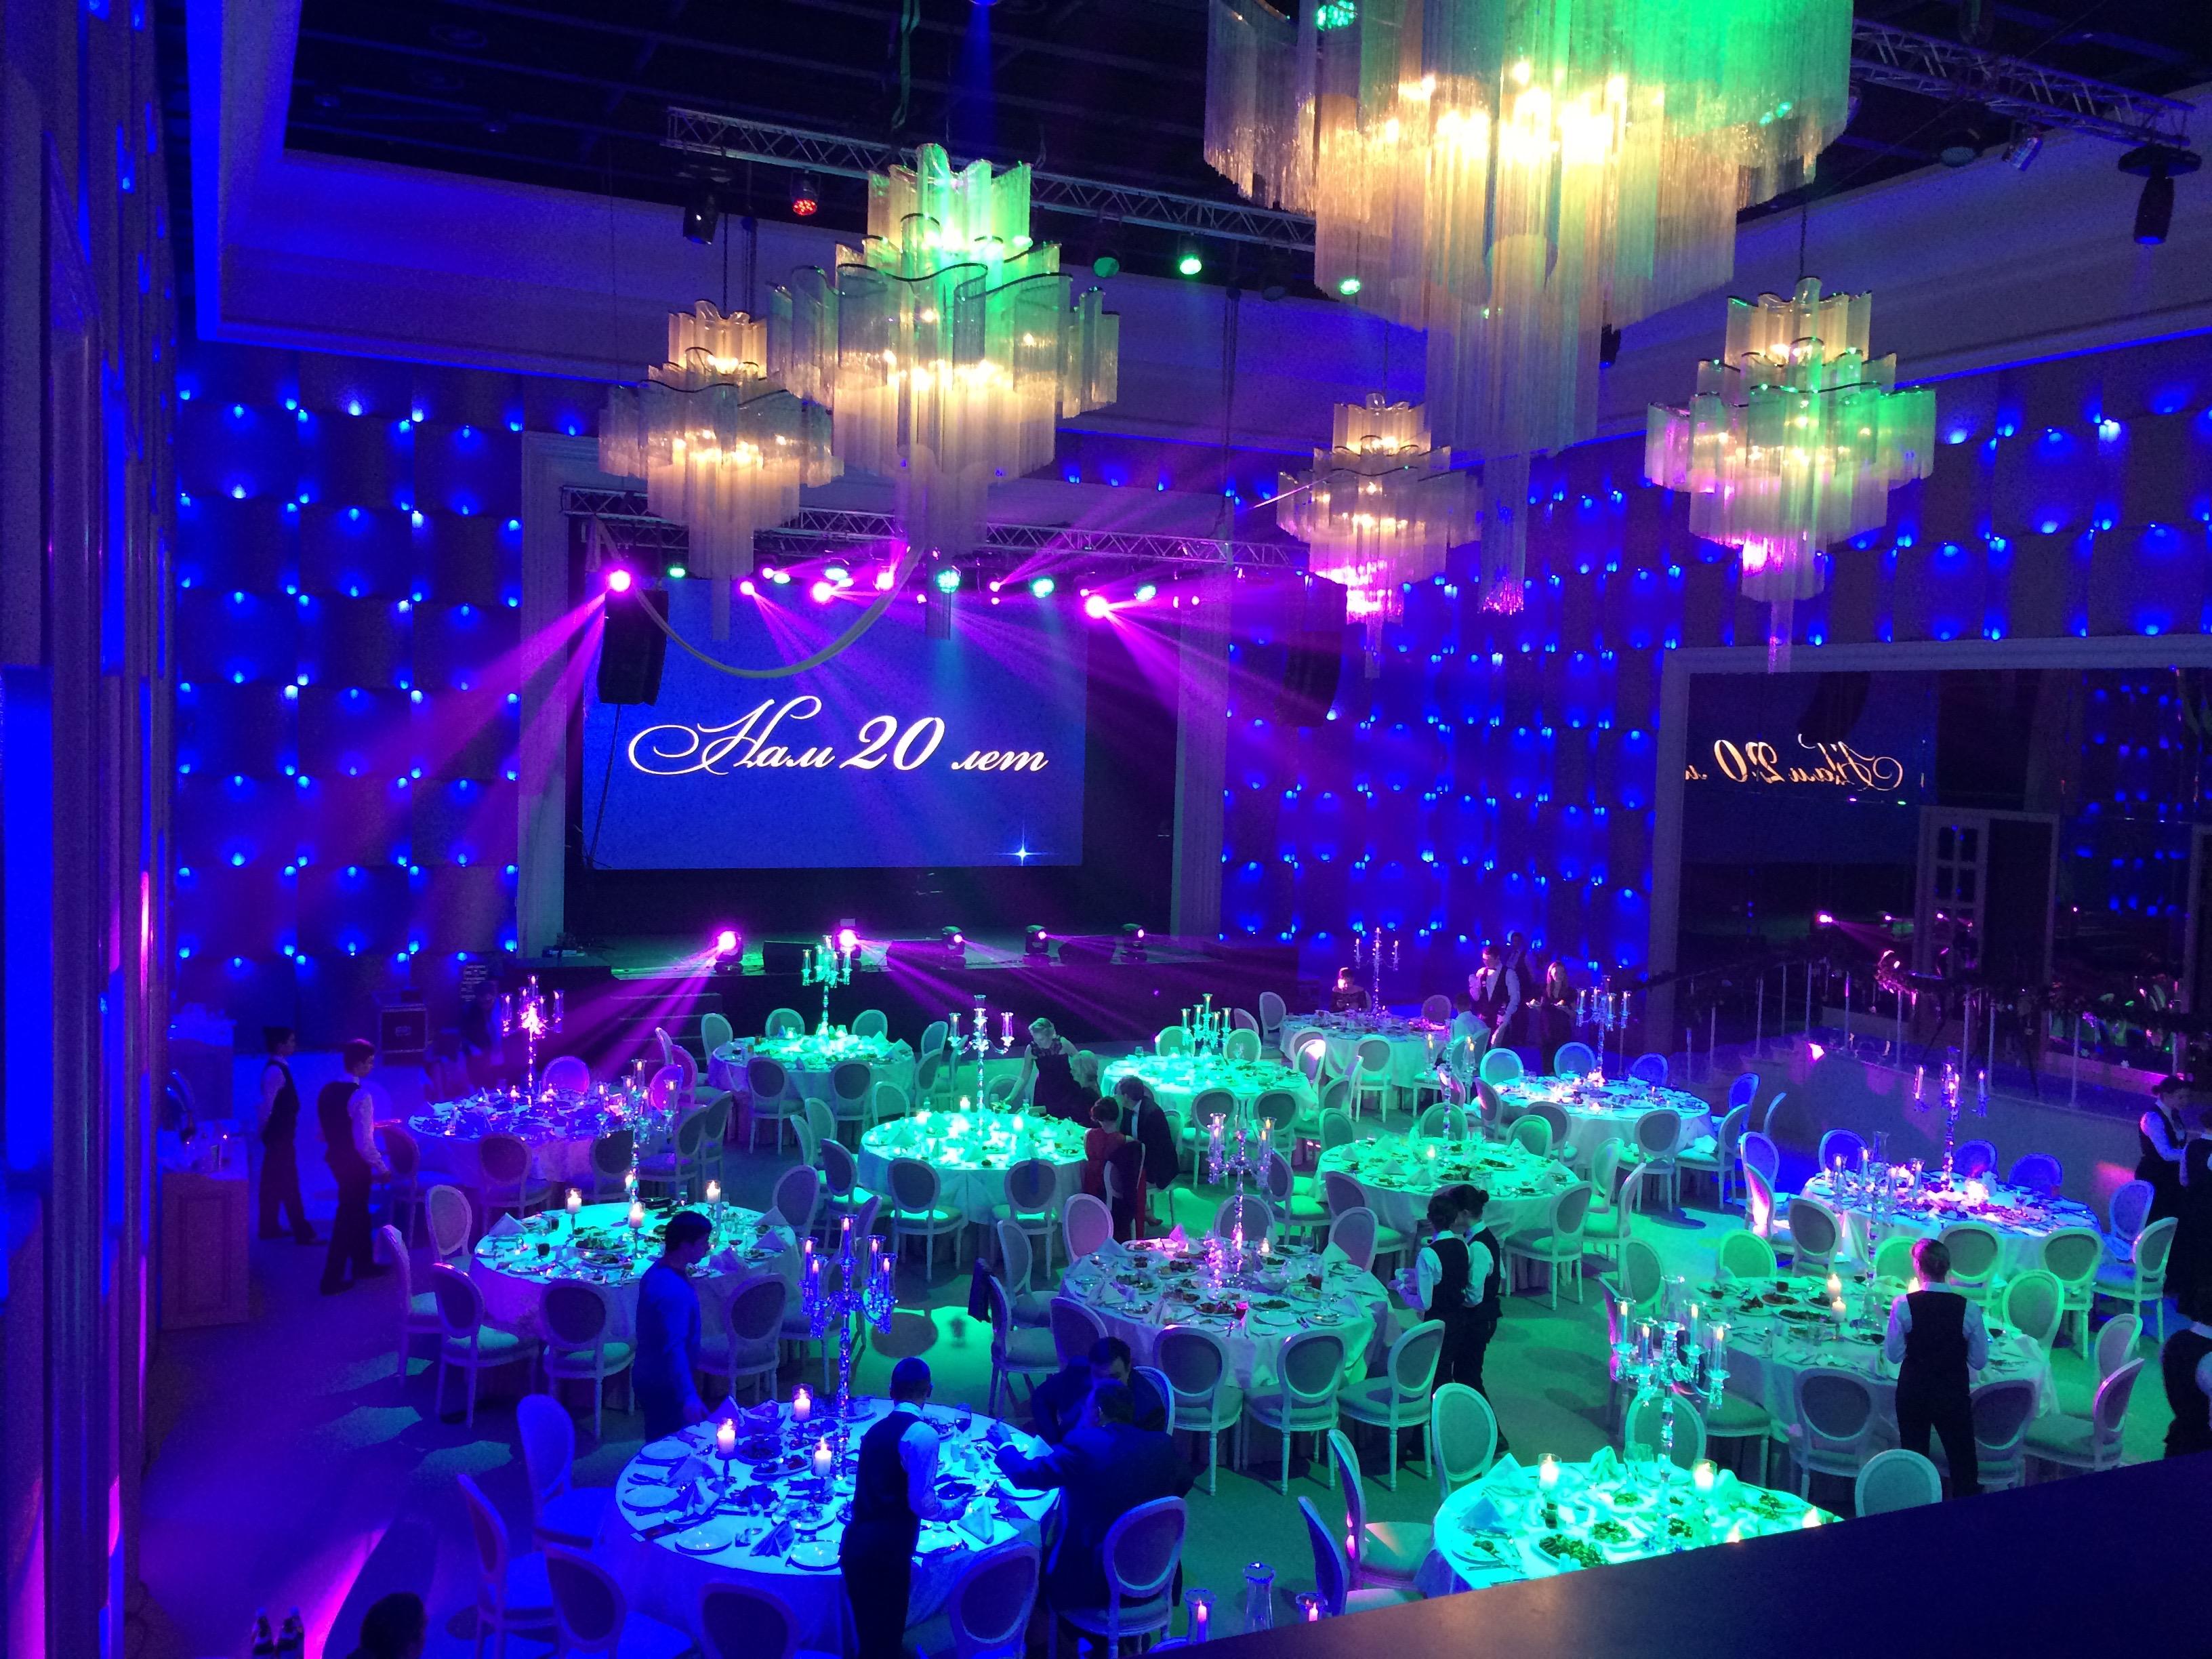 Студия света «Квинсленд» — Цвето-динамическая подсветка банкетного зала REGENT HILL